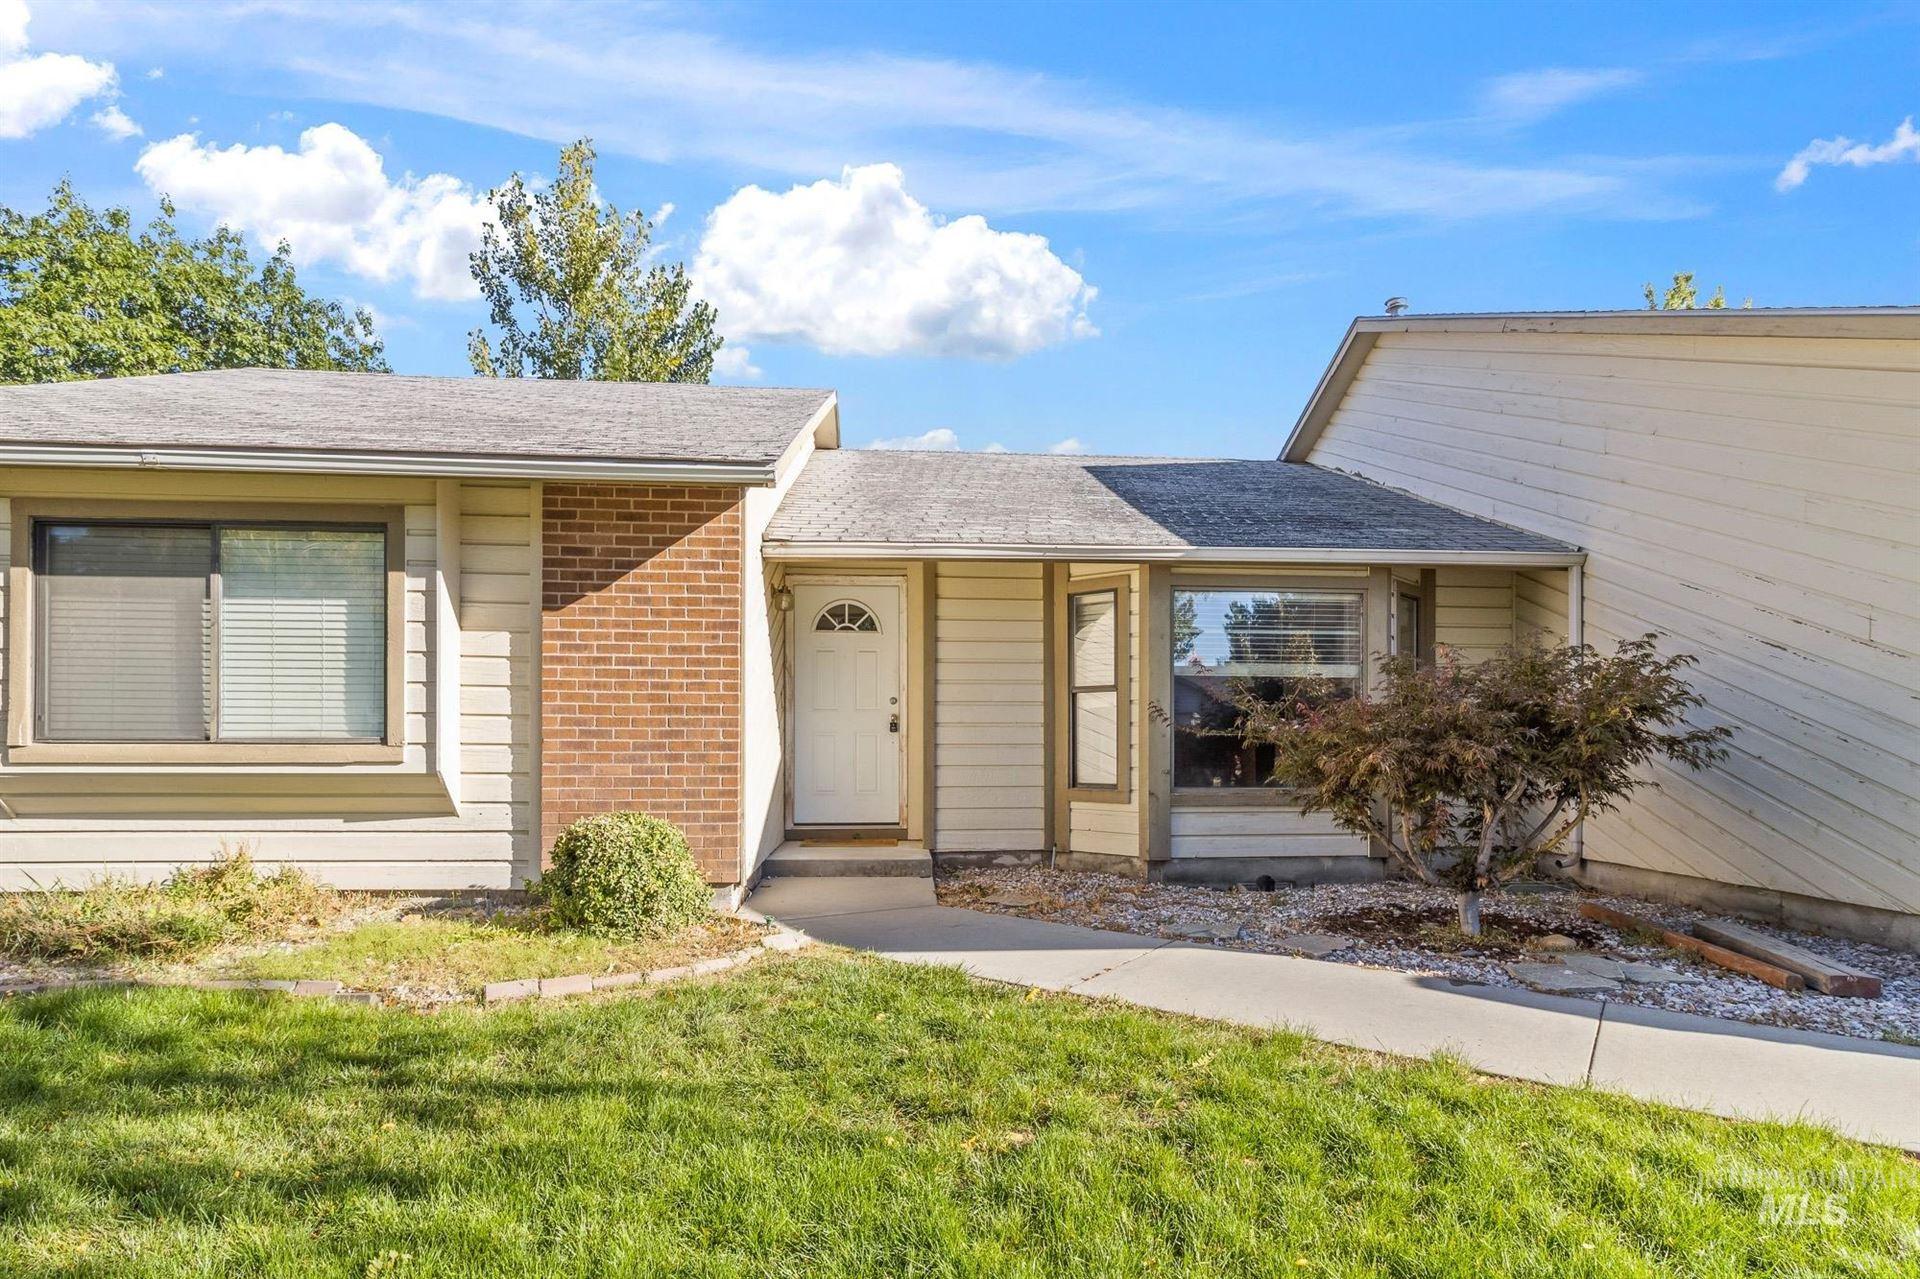 11950 W Flintlock Dr., Boise, ID 83713 - MLS#: 98820198